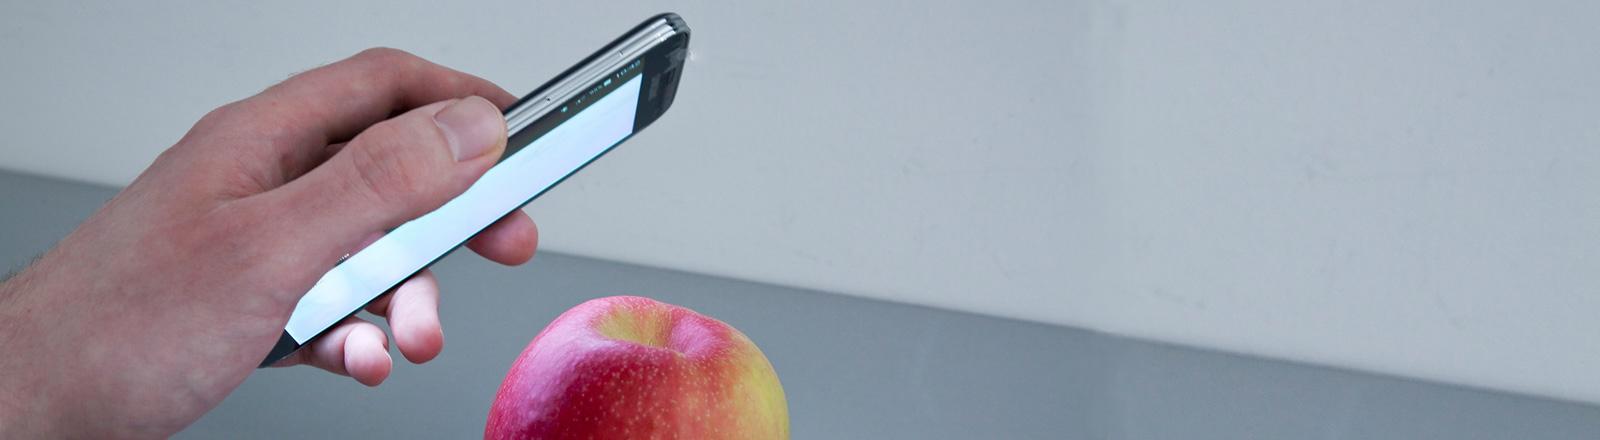 Ein Apfel wird gescannt mit der neuen Frauenhofer-App.